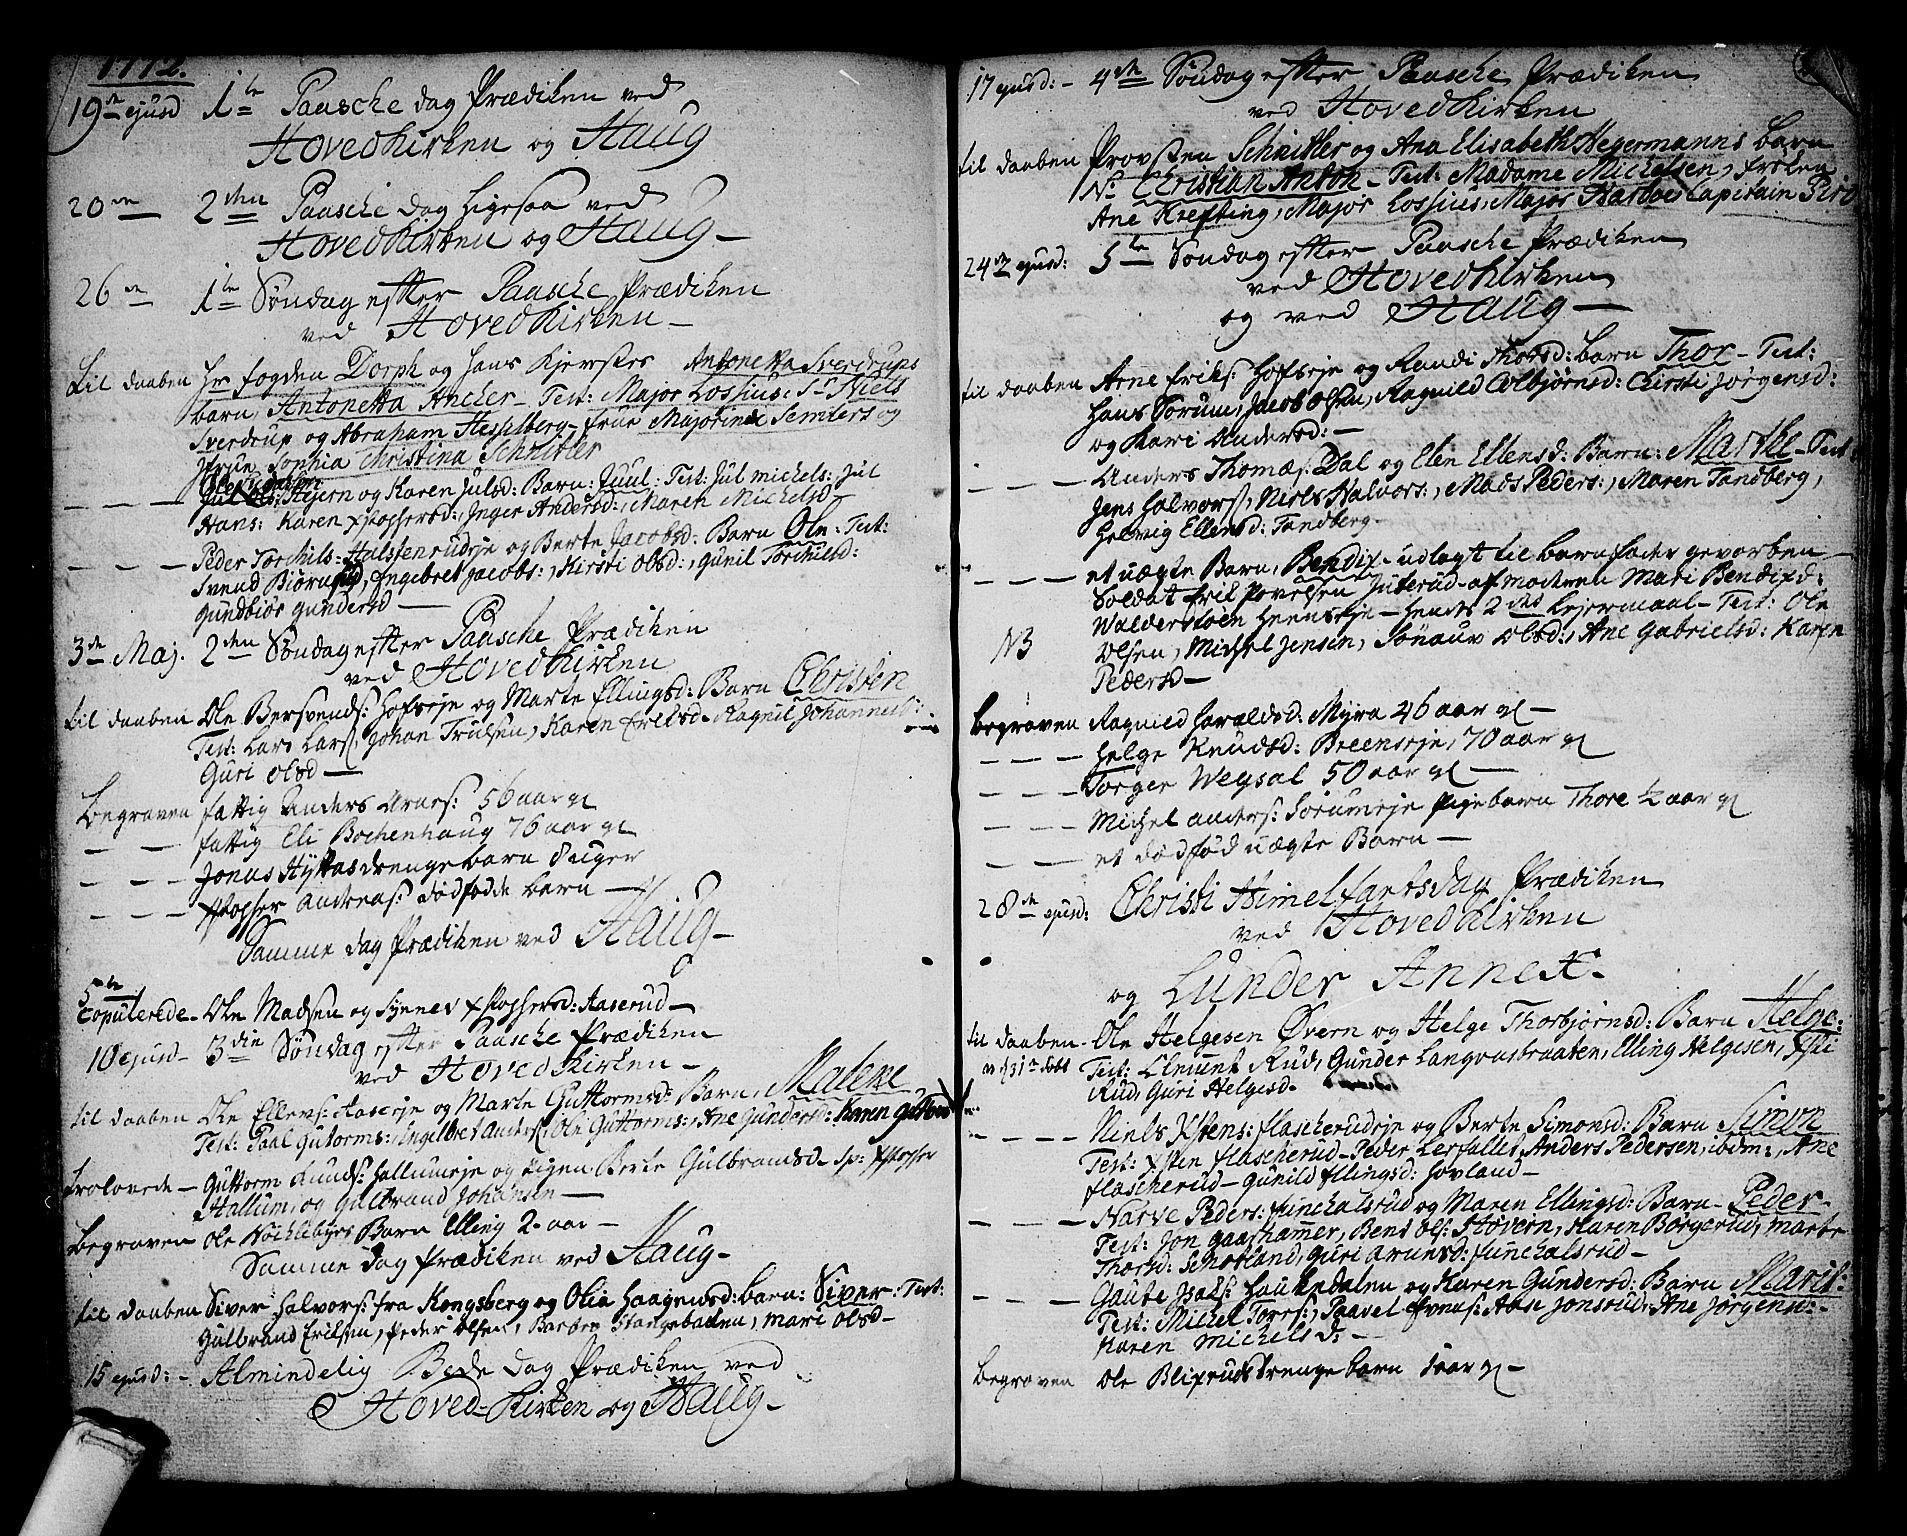 SAKO, Norderhov kirkebøker, F/Fa/L0004: Ministerialbok nr. 4, 1758-1774, s. 240